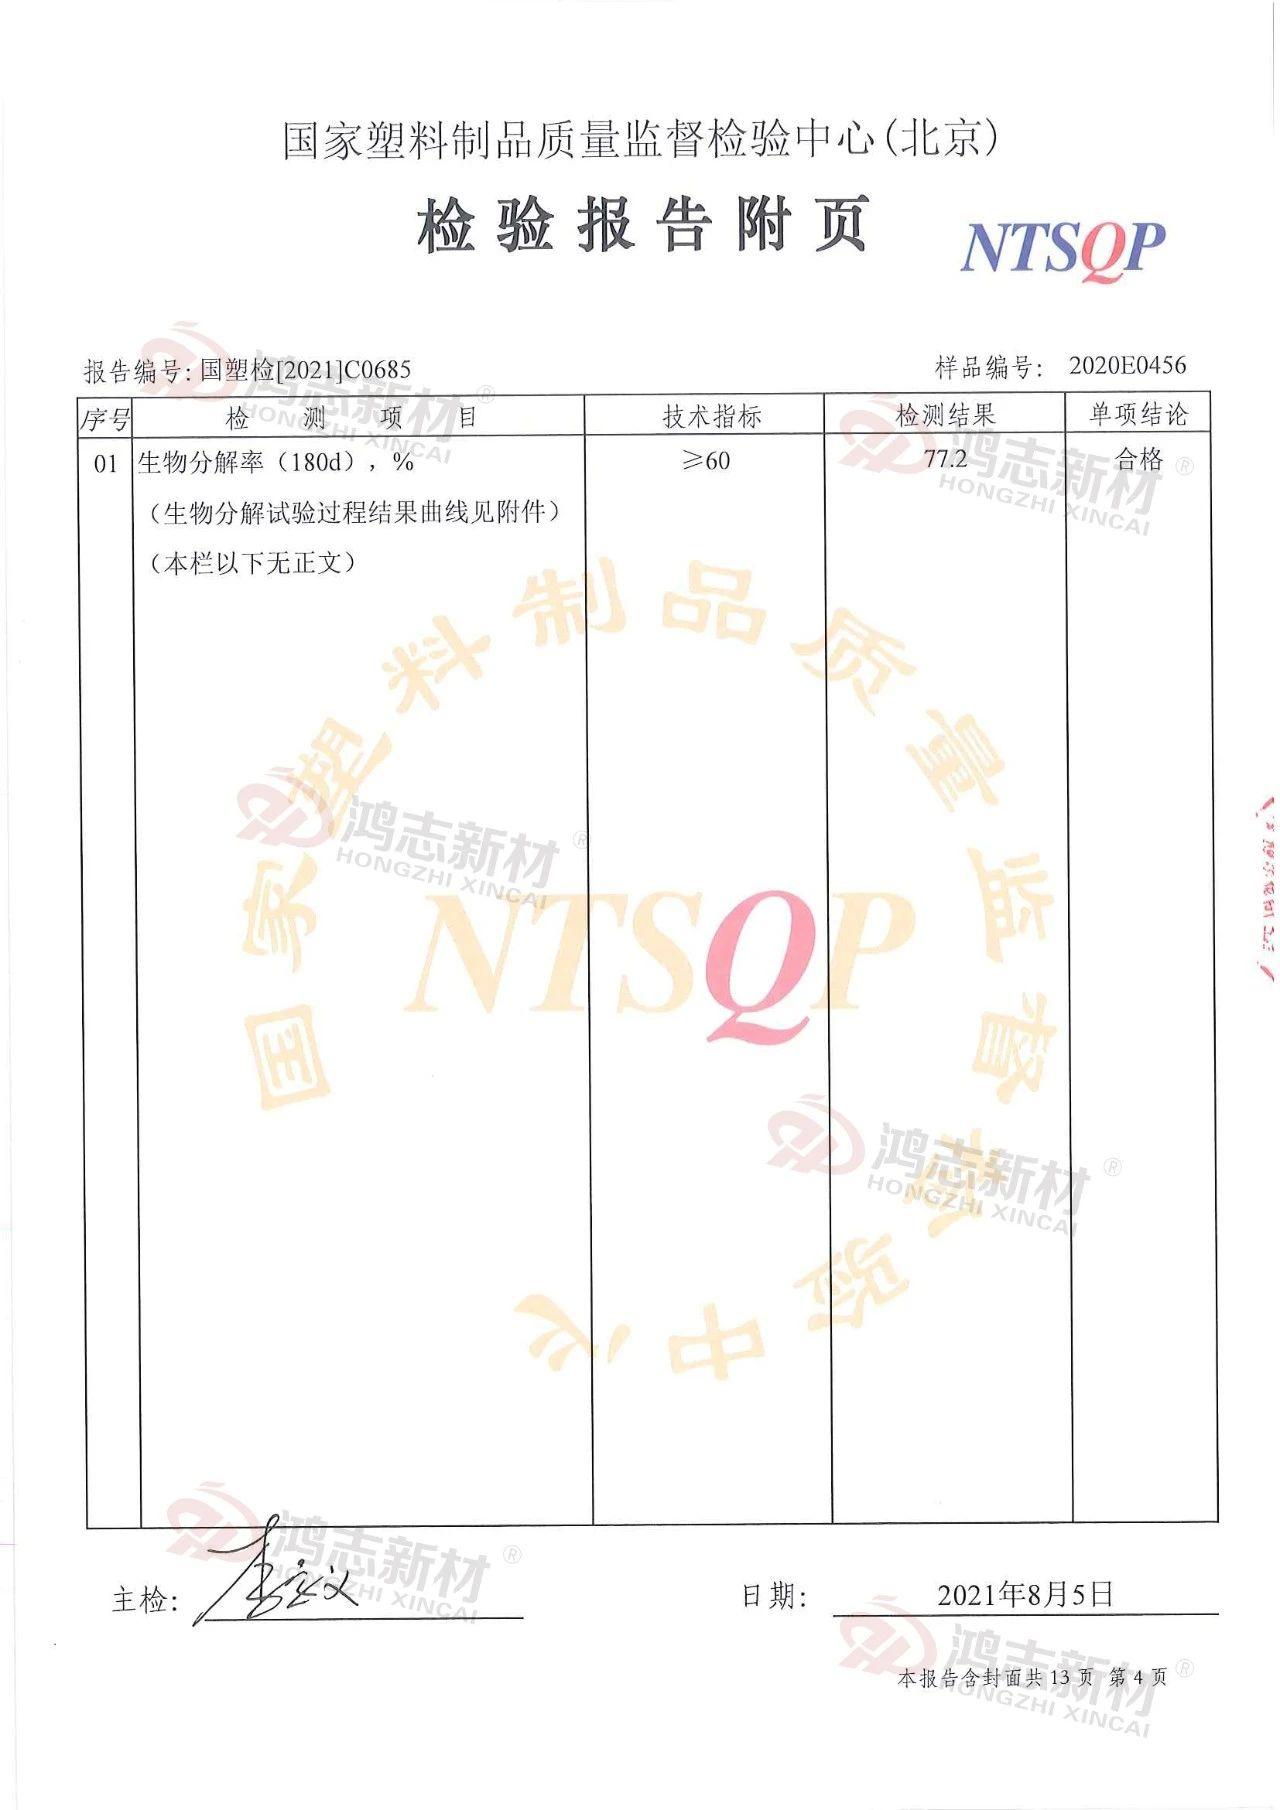 寰俊鍥剧墖_20210809095100.jpg